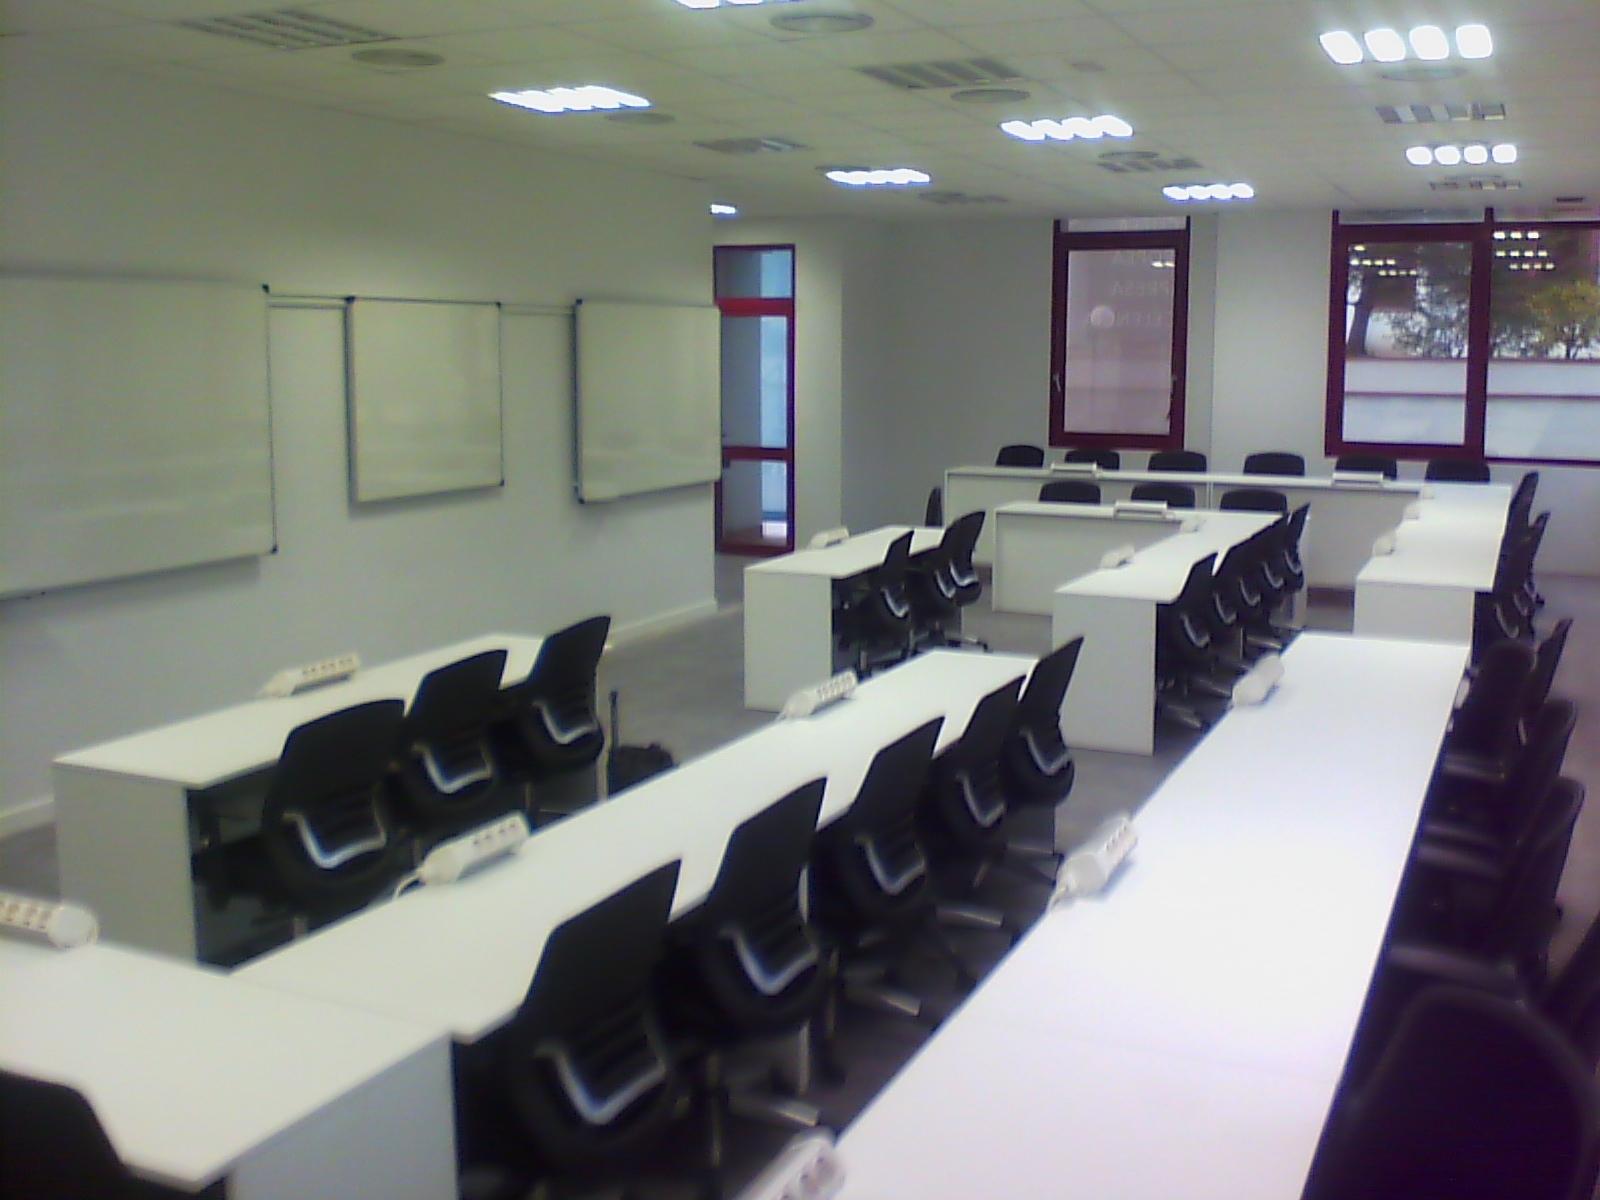 IMG 20130218 182528 - Escuela de negocios